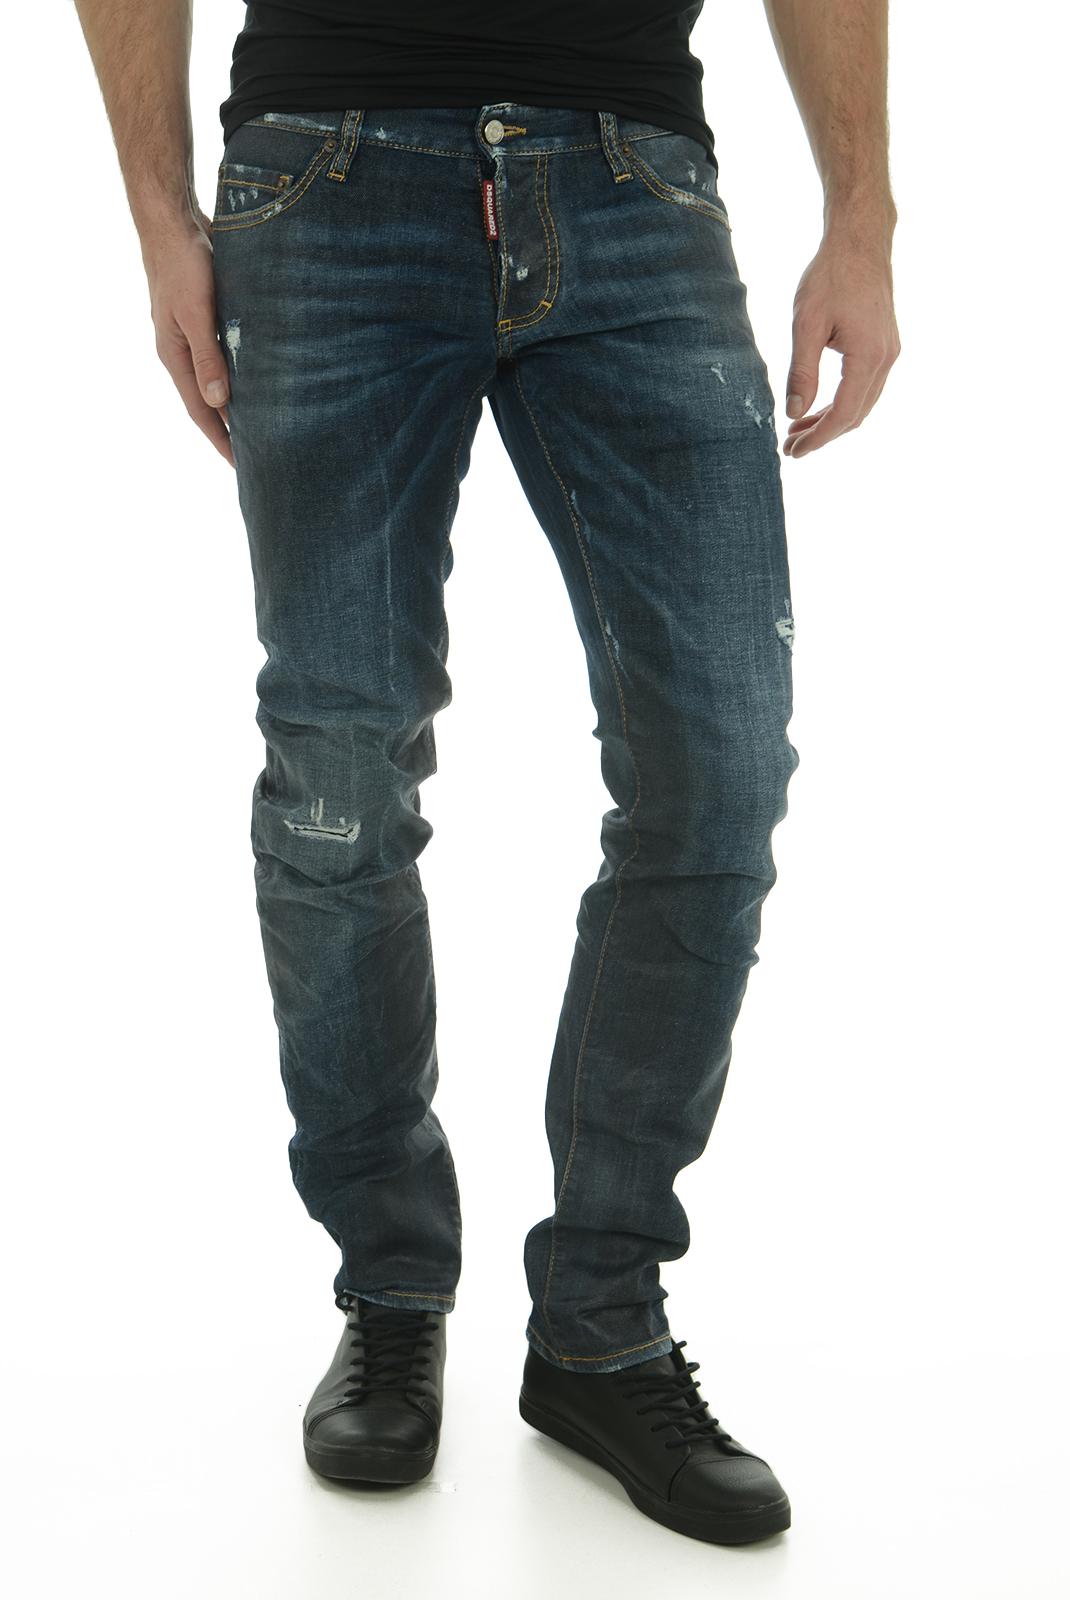 Jean slim / skinny  Dsquared2 S74LB0017 470 INDIGO BLUE